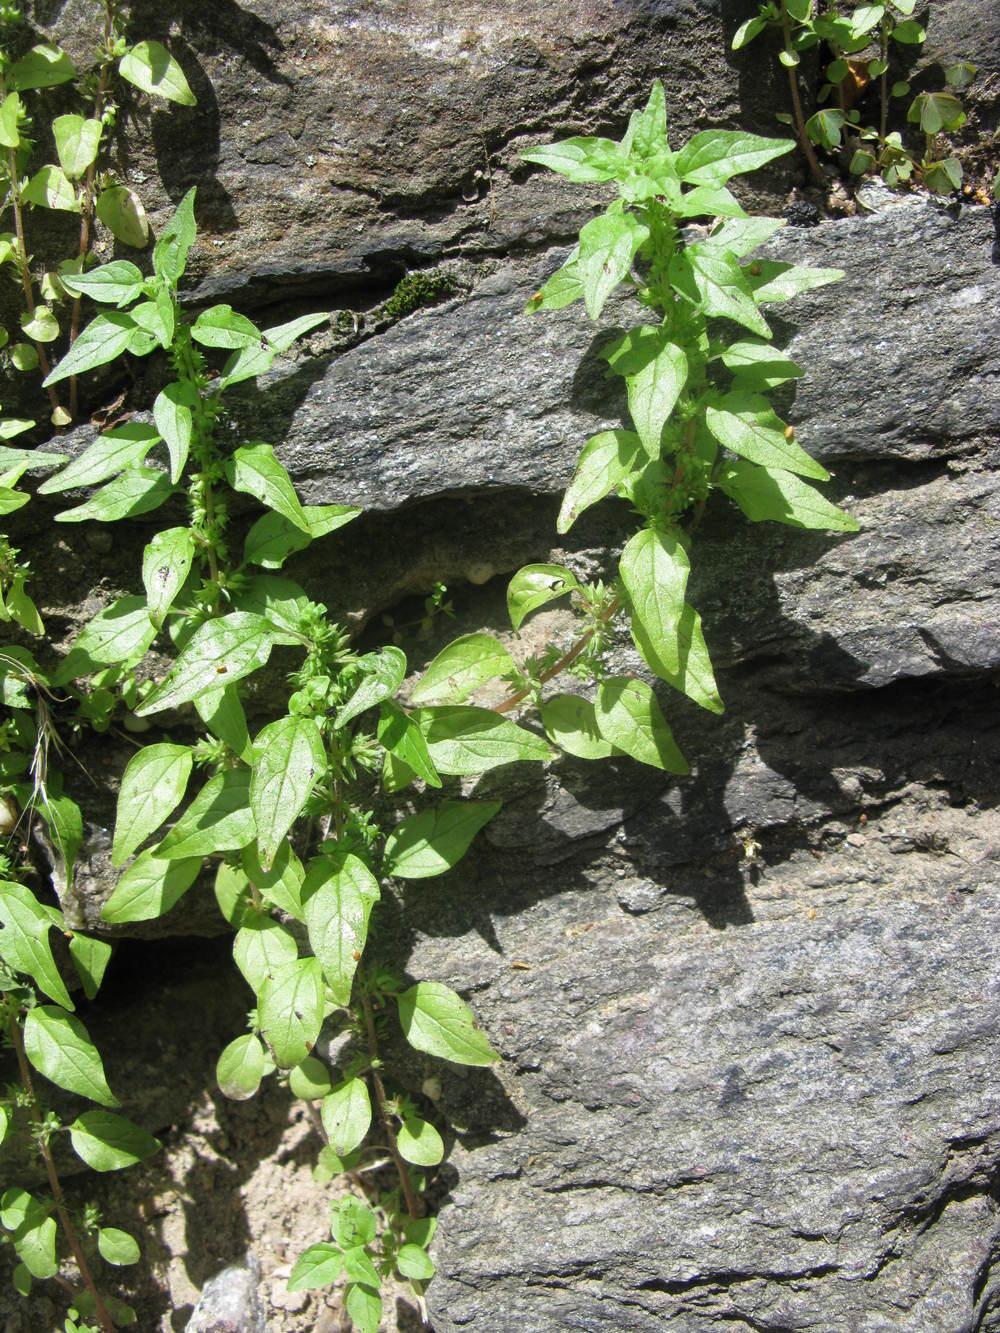 Parietaria pensylvanicaUrticaceae